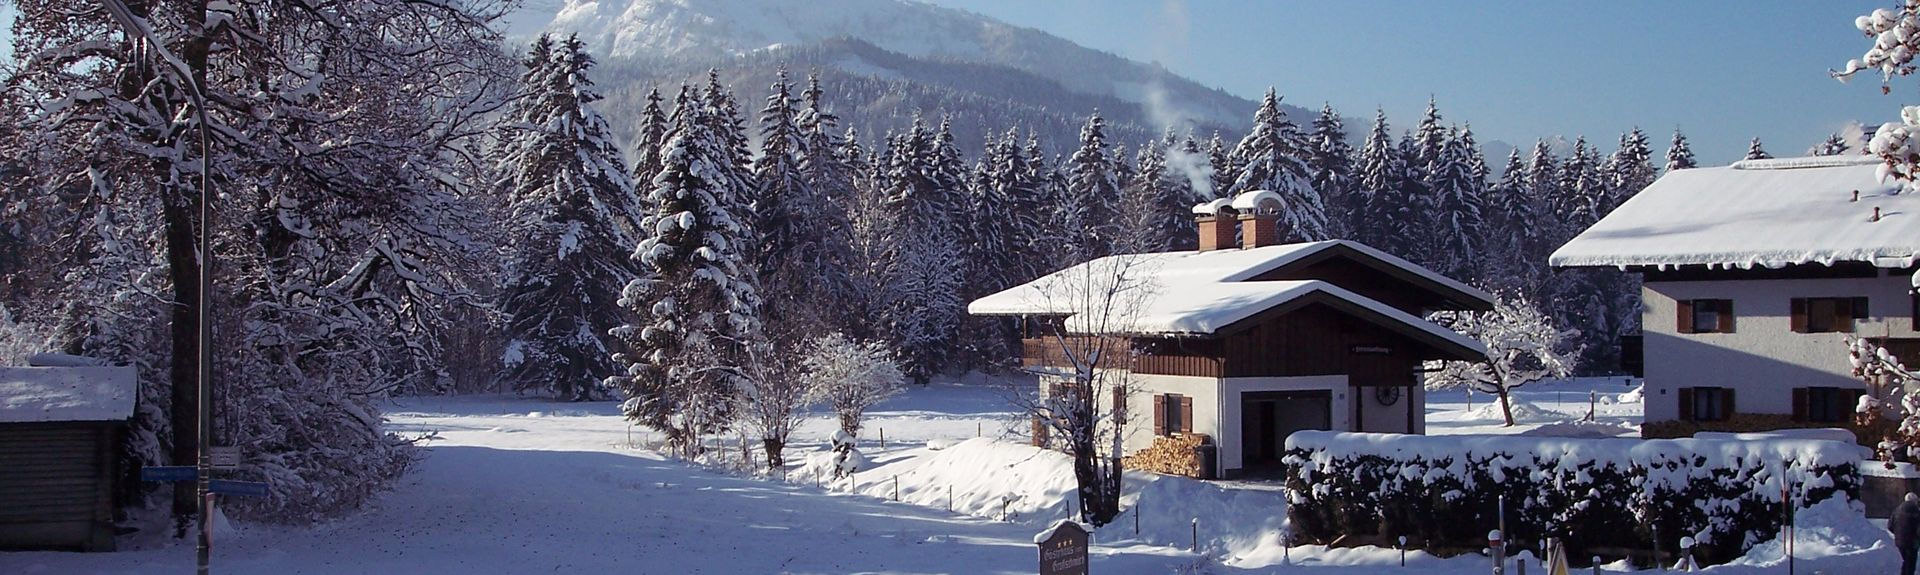 Groissenbach, Reit im Winkl, Bavière, Allemagne